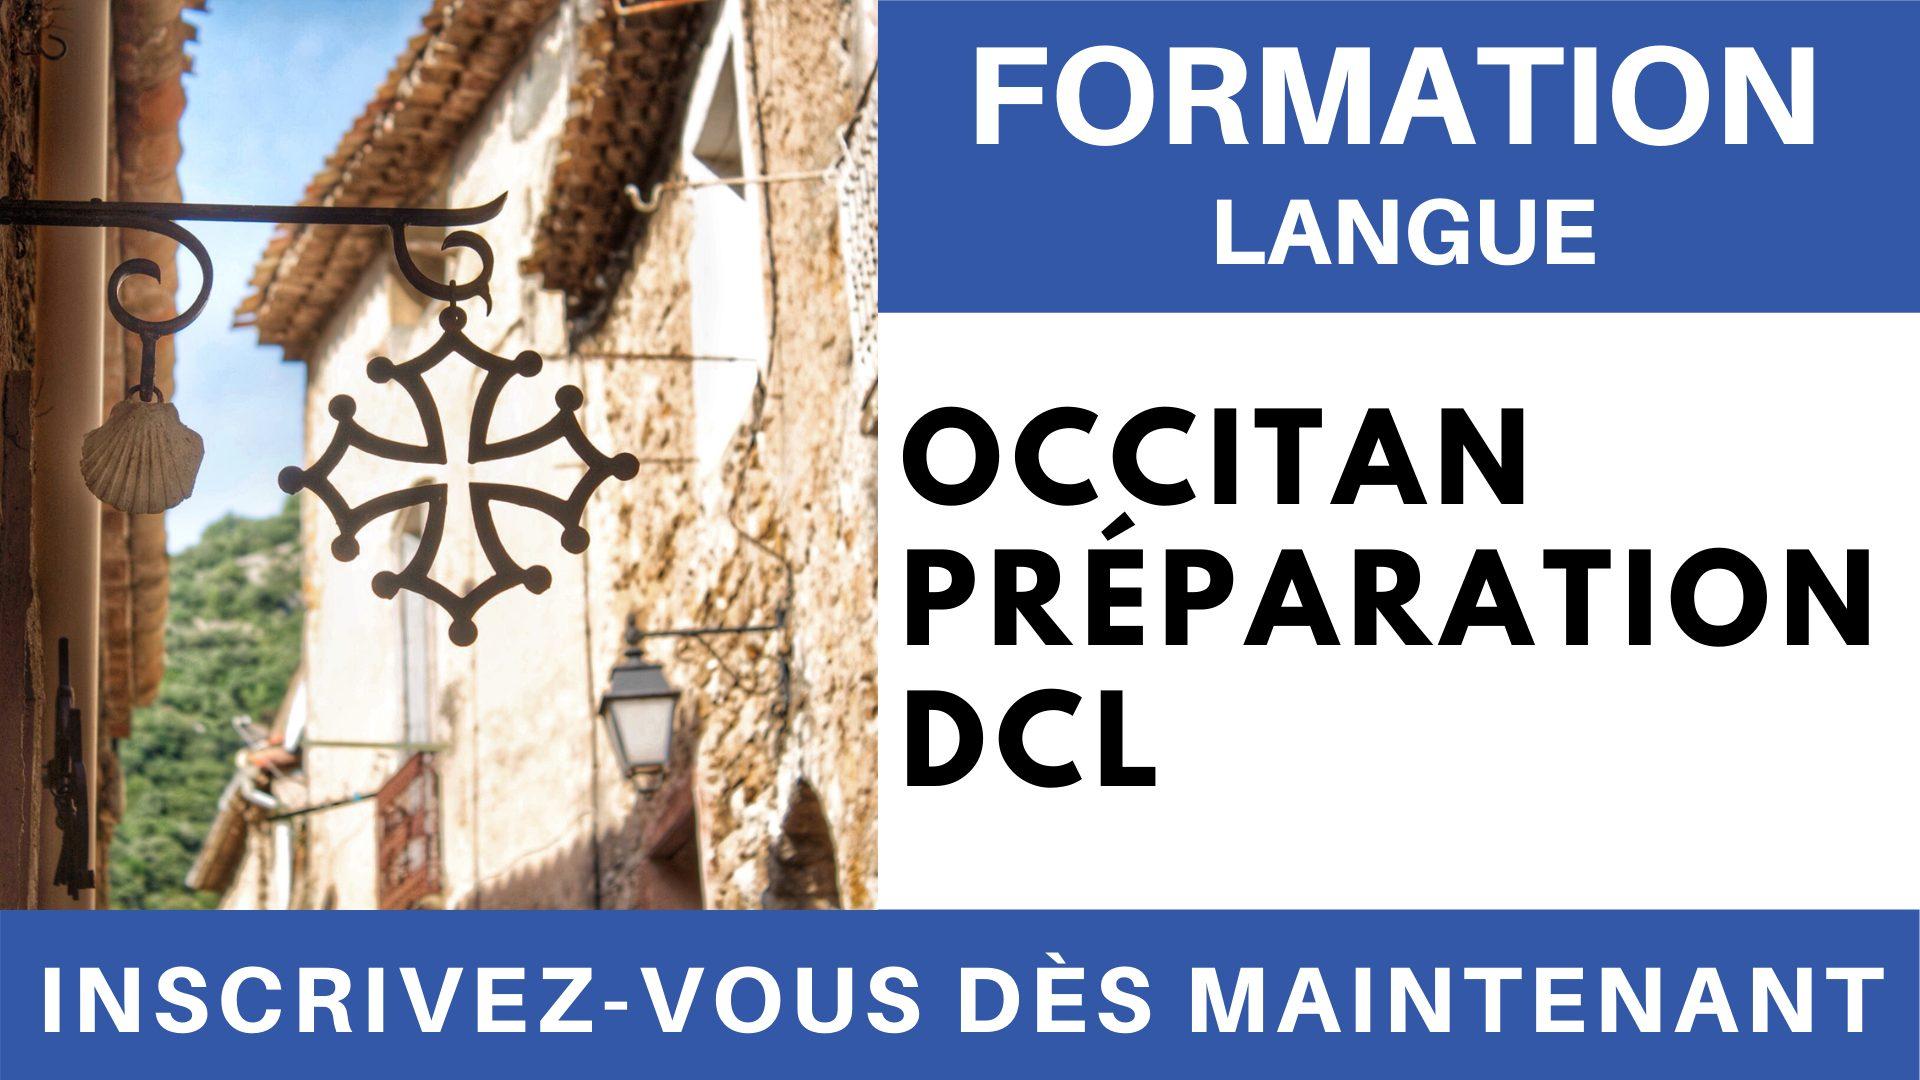 Formation Langue - Occitan Préparation DCL